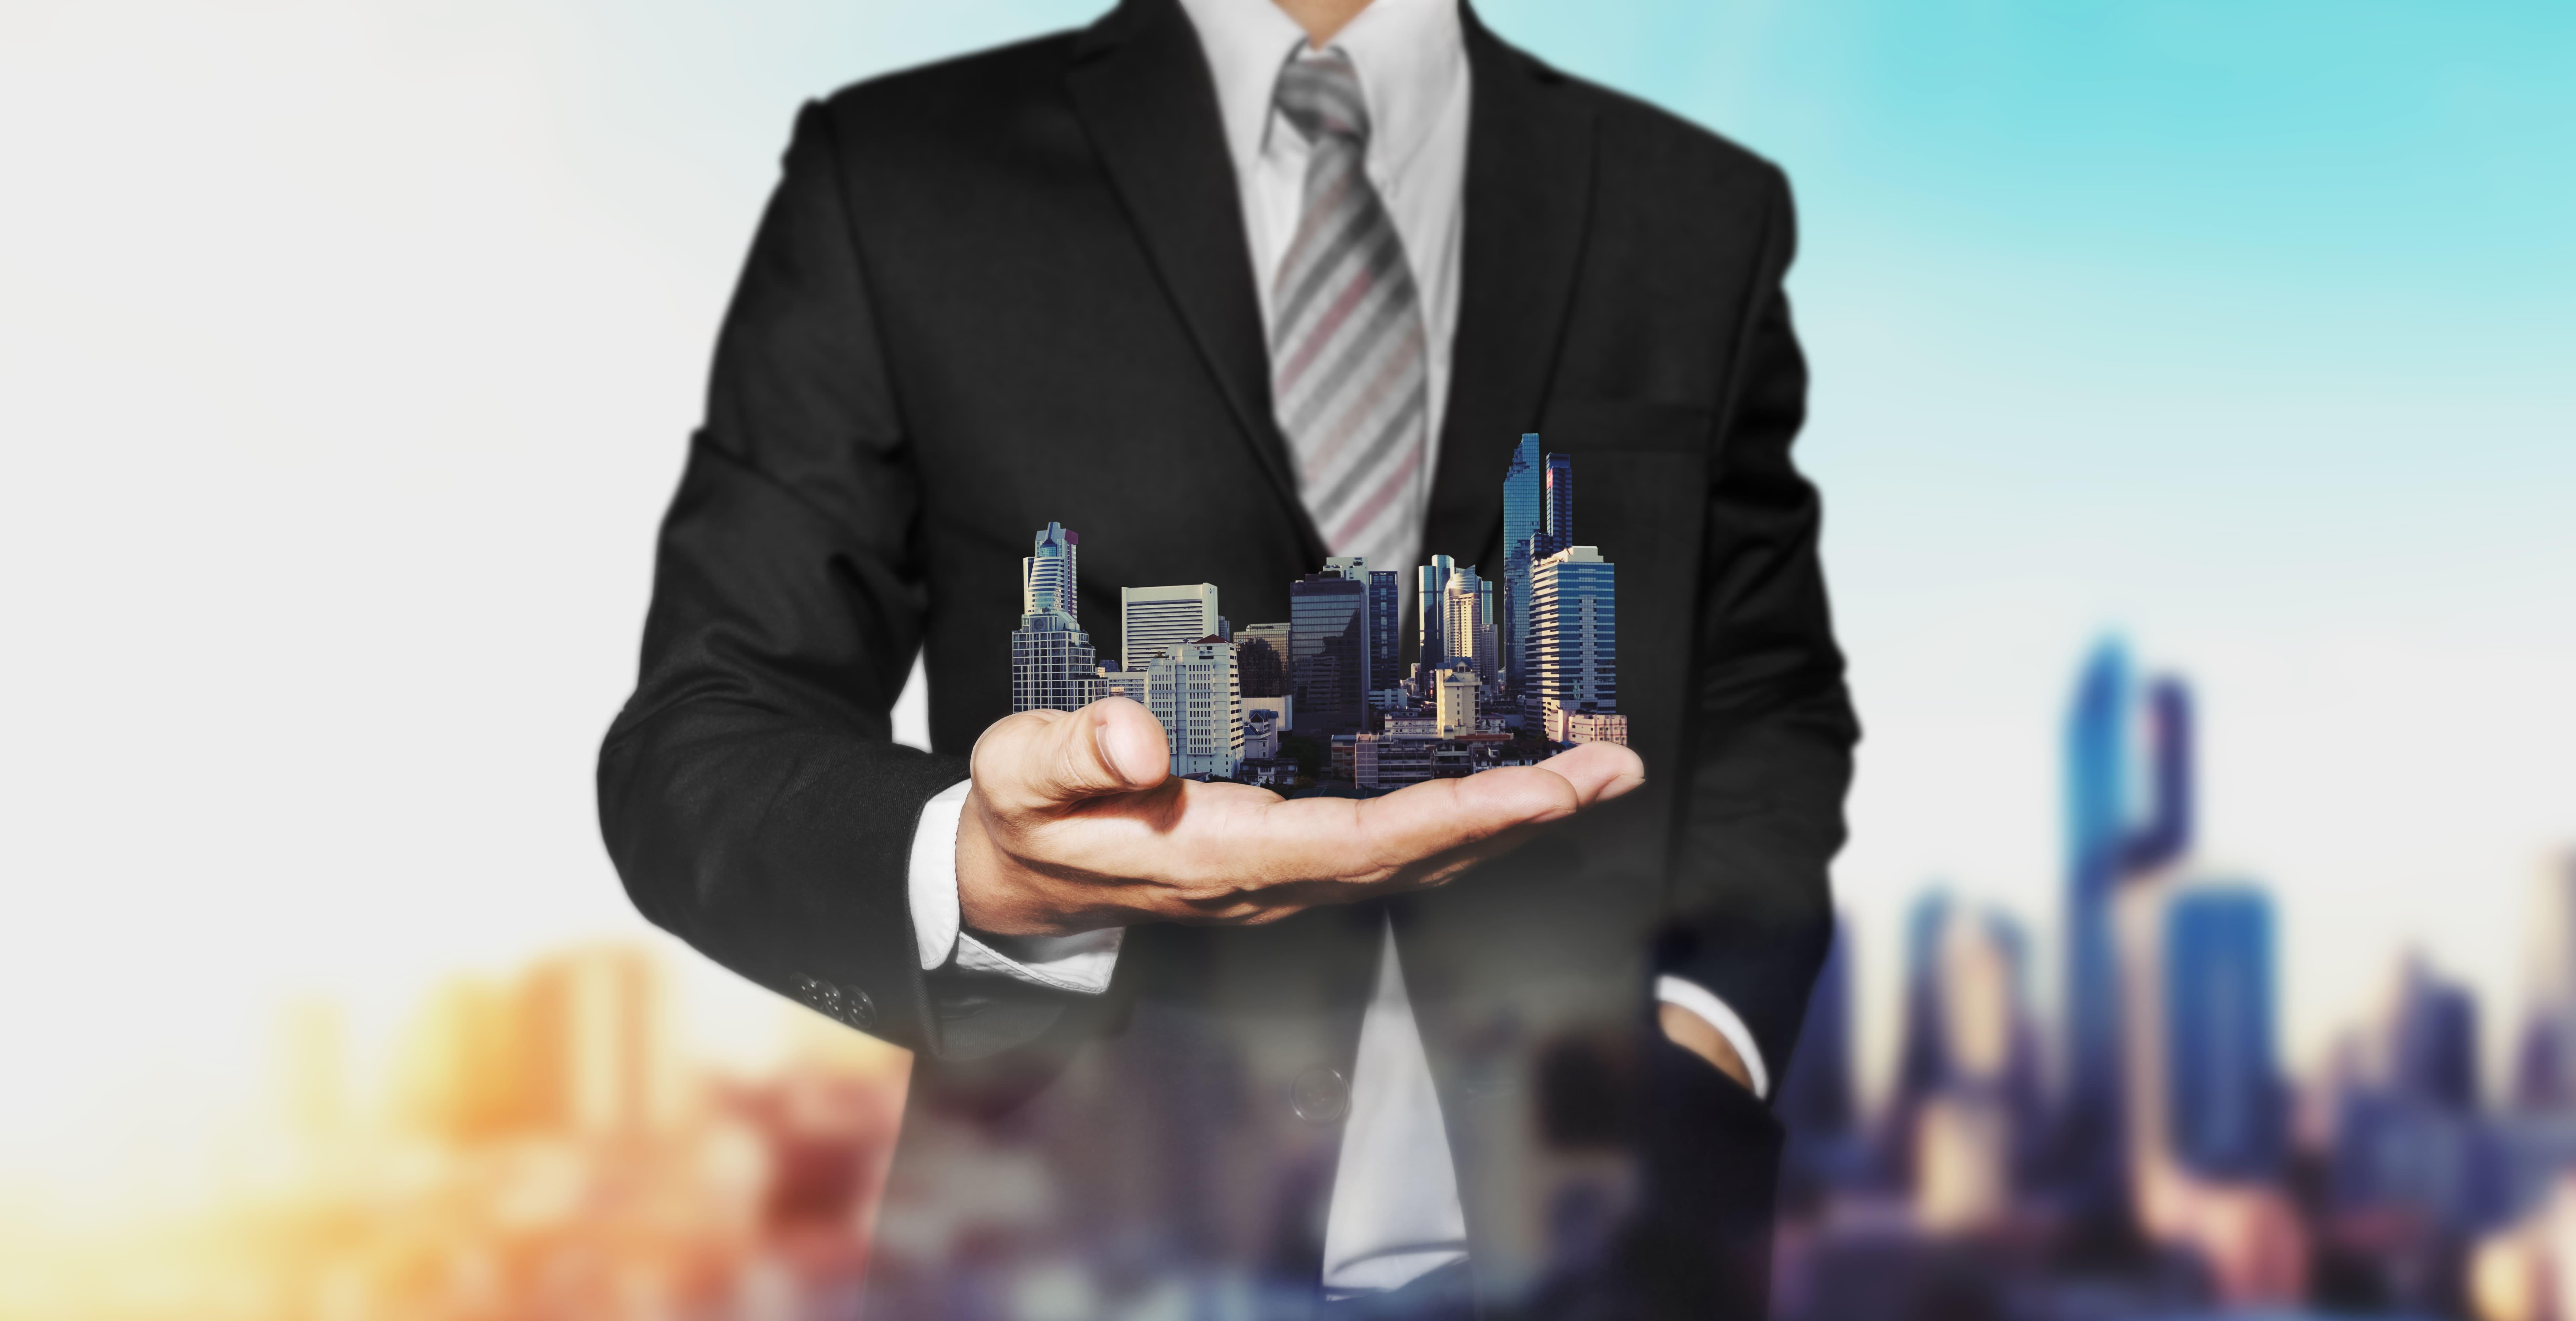 Imagem de um homem com vários condomínios na mão para remeter o empreendedor que vai montar um serviço de administração de condomínios